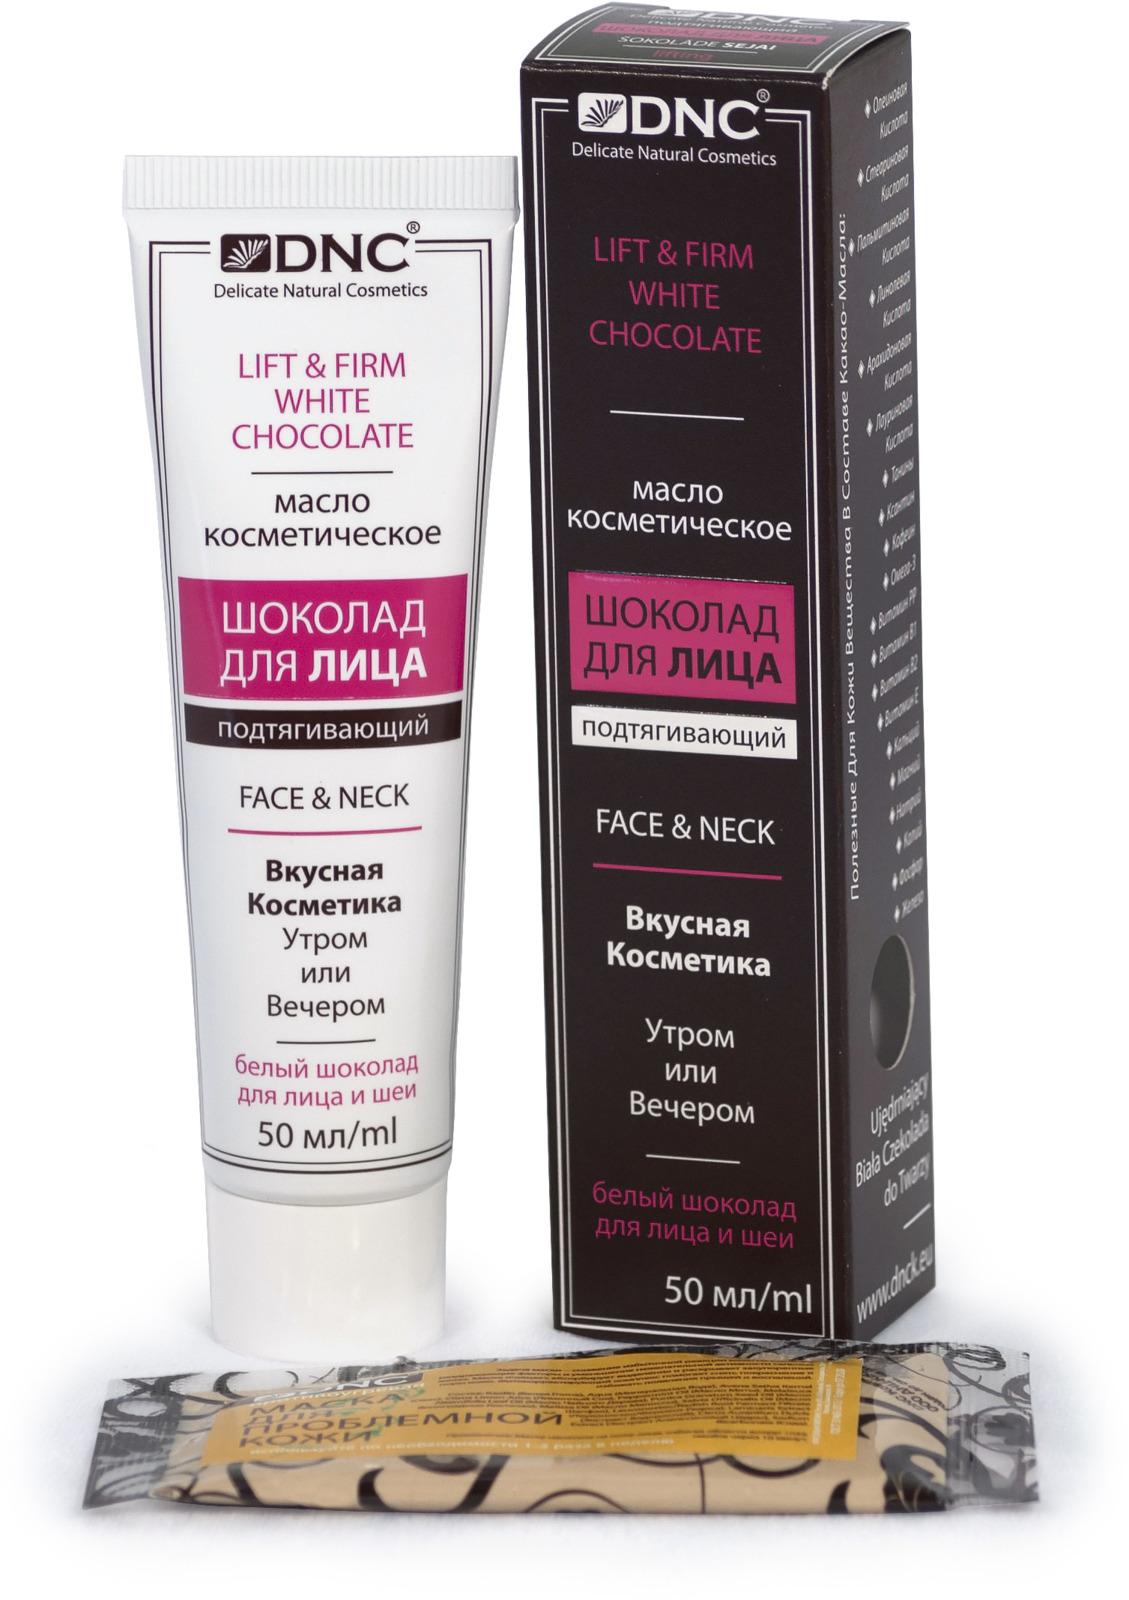 Косметический набор DNC: шоколад для лица, подтягивающий, 50 мл + Подарок: маска для лица, 15 мл маска пленка для придания упругости коже лица health